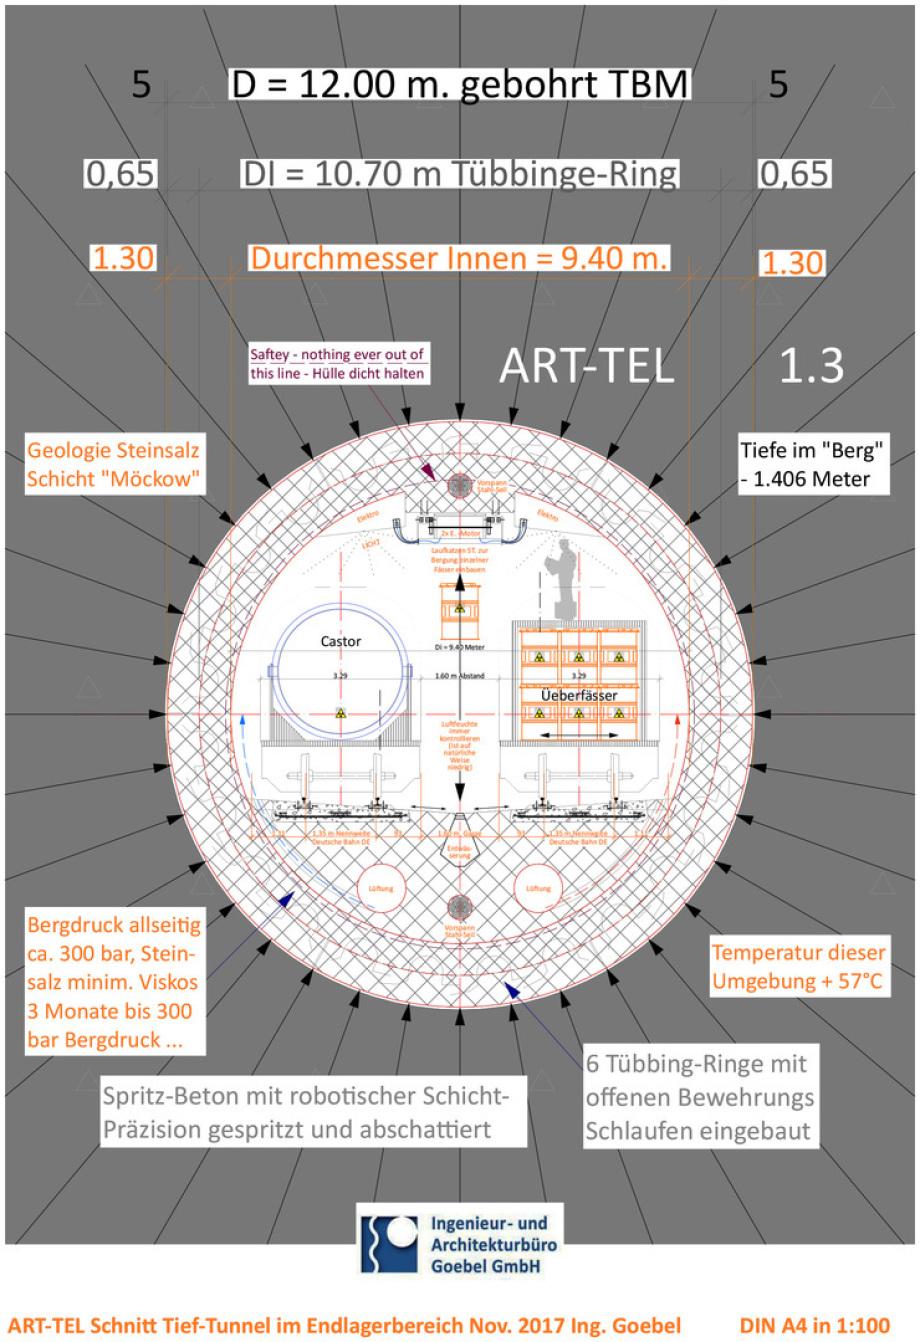 Schnitt ART-TEL Endlager Tunnel - so baut man Endlager für schwach und mittelradioaktive Reststoffe - in einem solchen Endlager kann man sogar Castoren für die DBHD Endlagerung sammeln